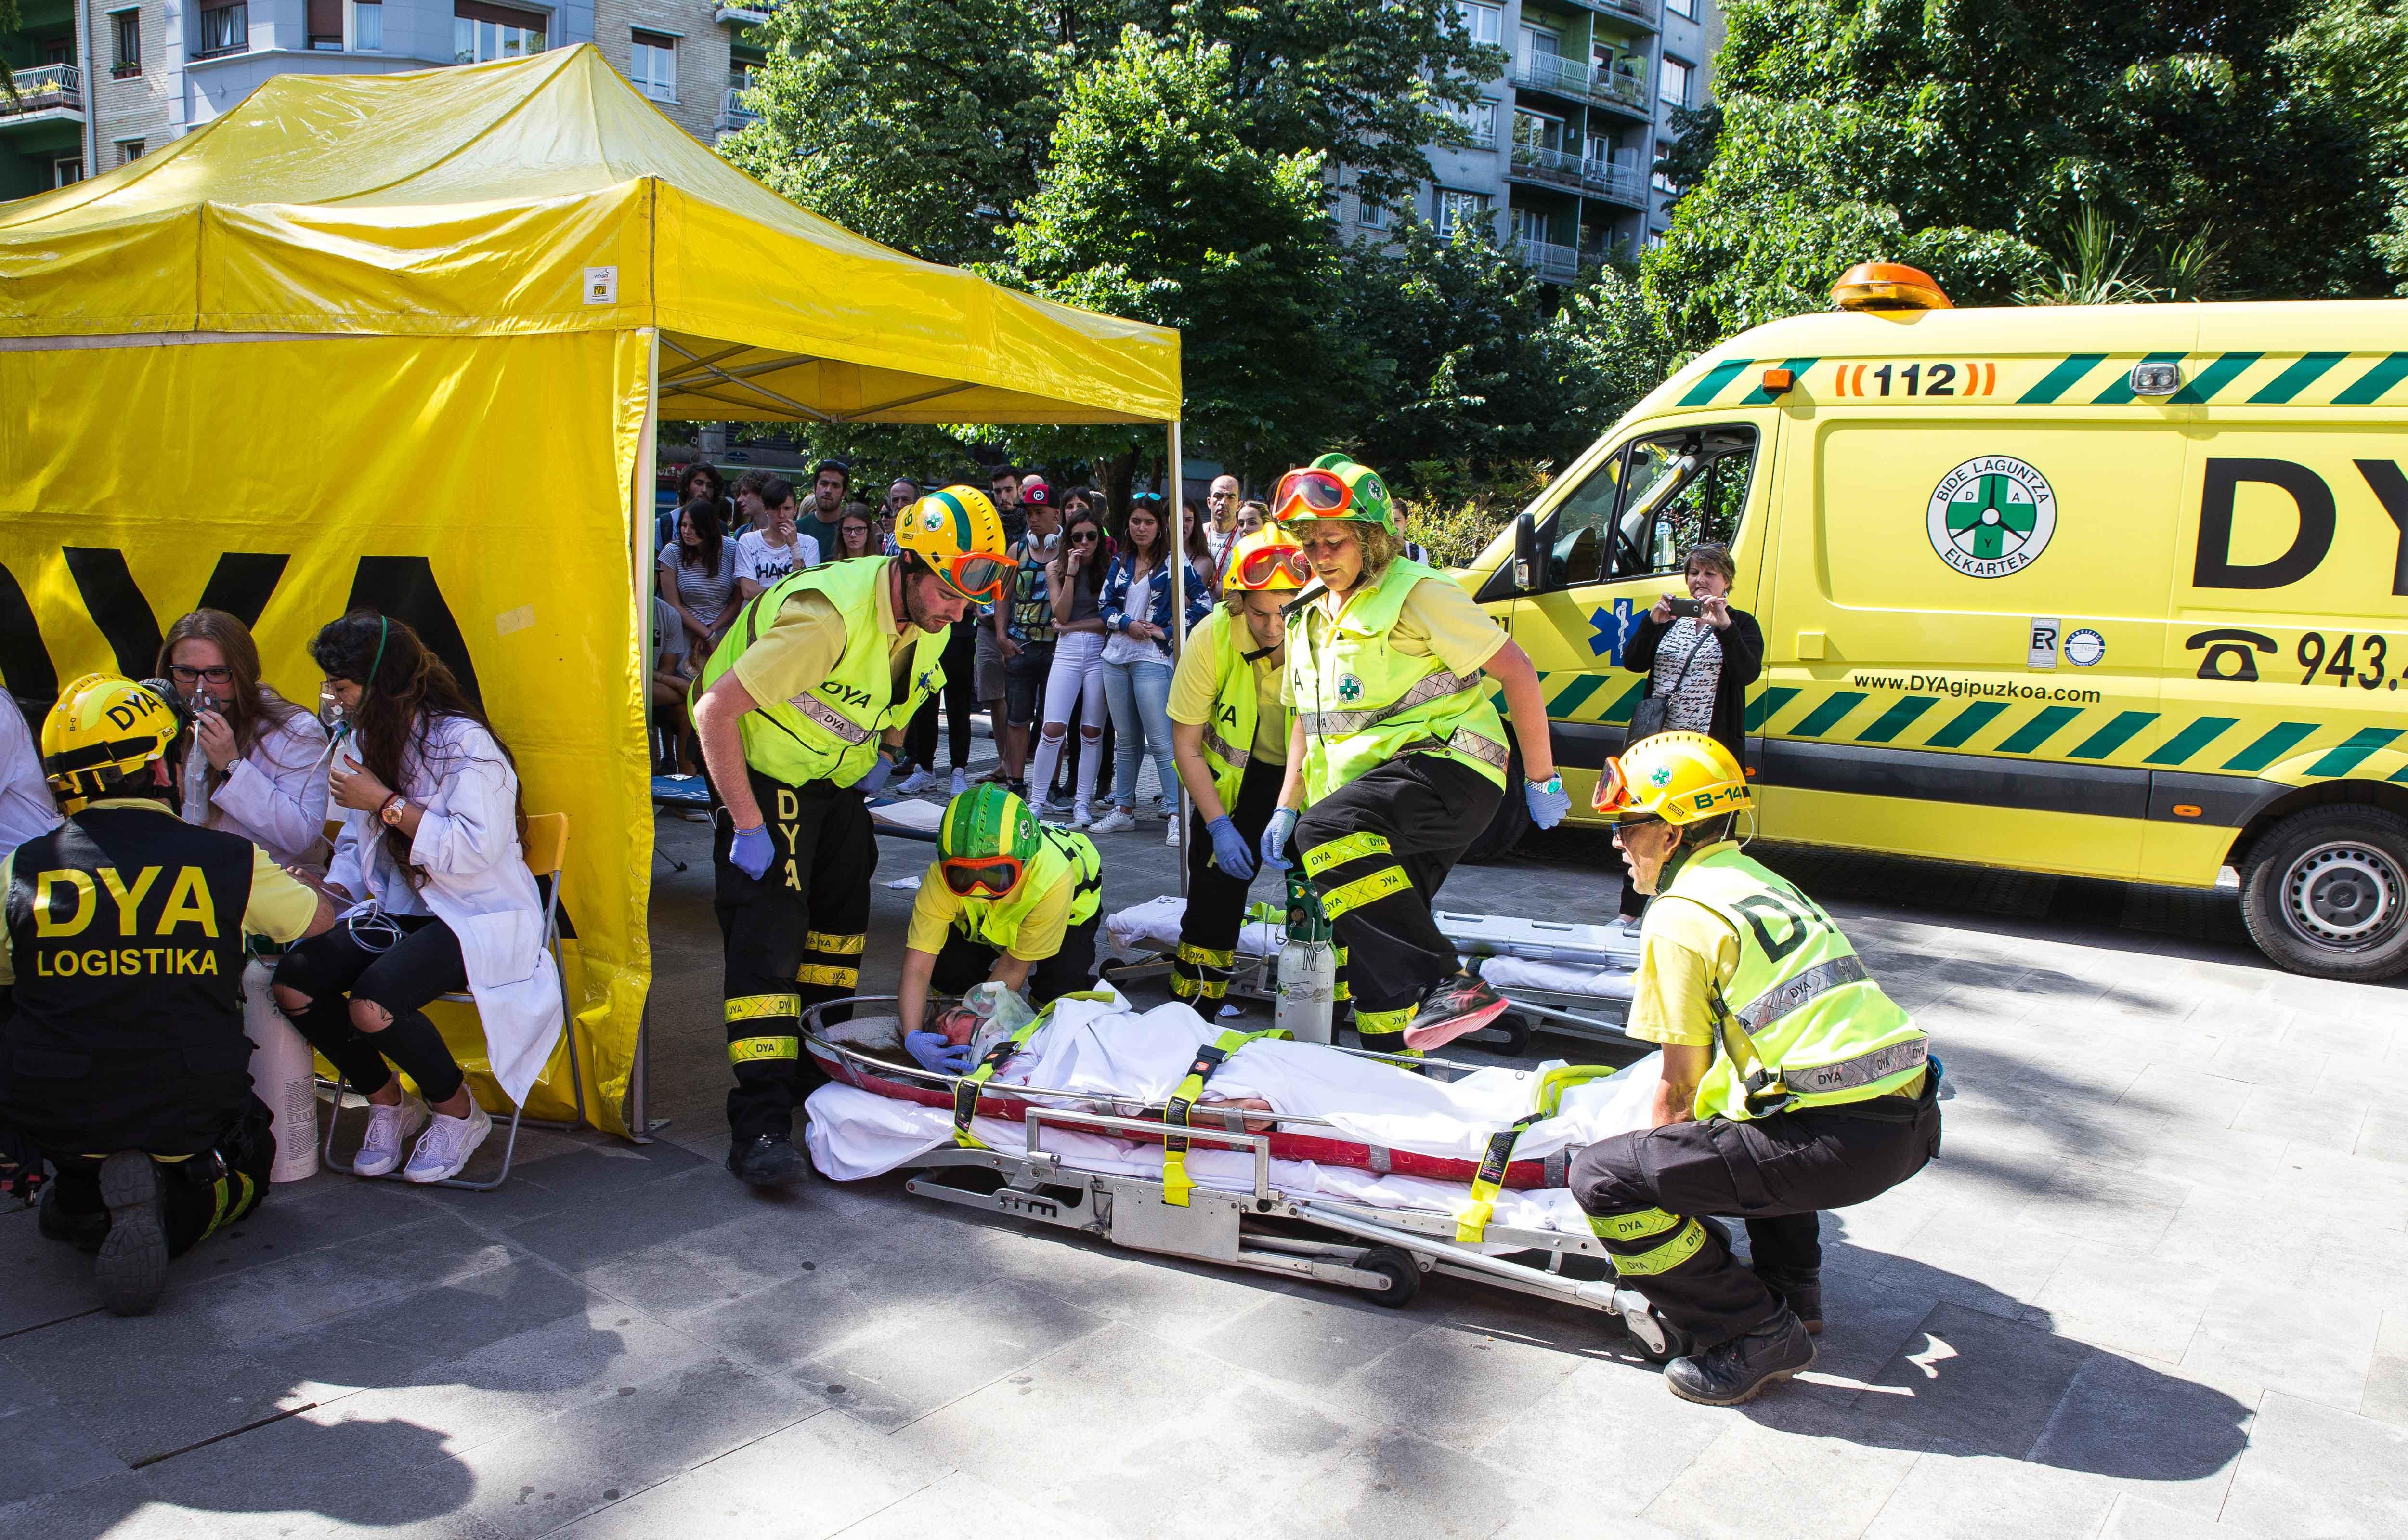 Ejercicio de incendio con rescate y evacuación de víctimas